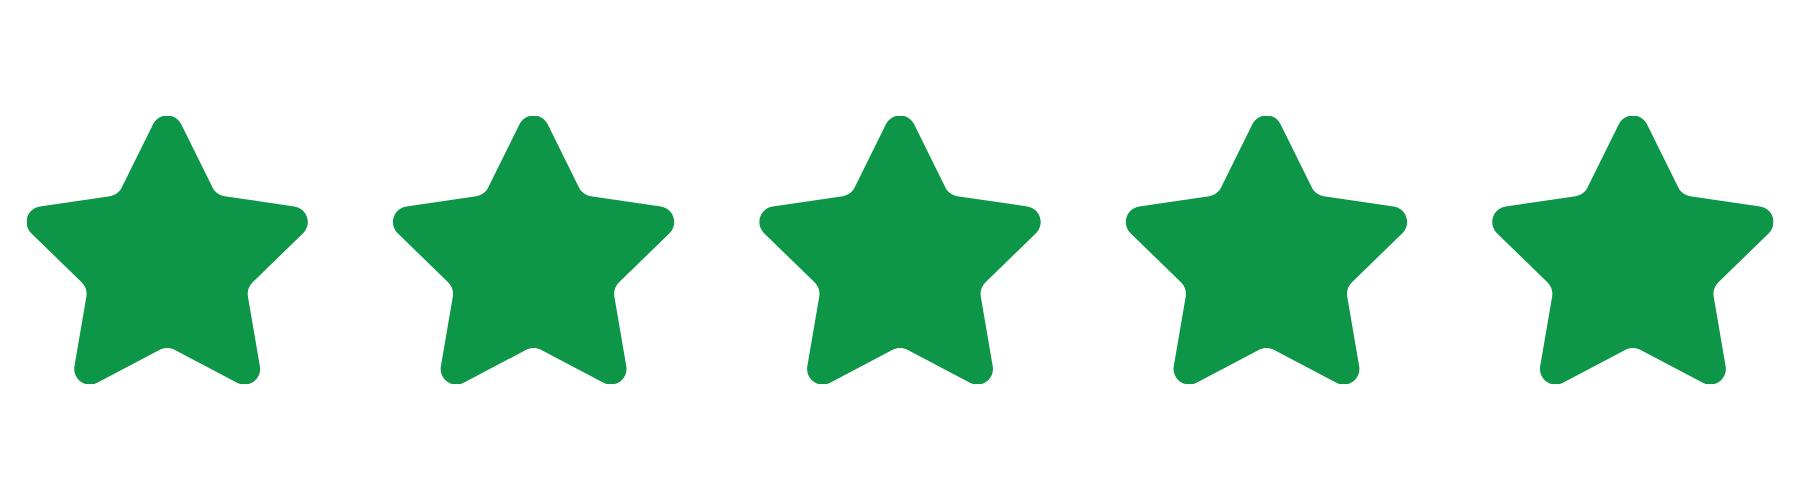 star-image